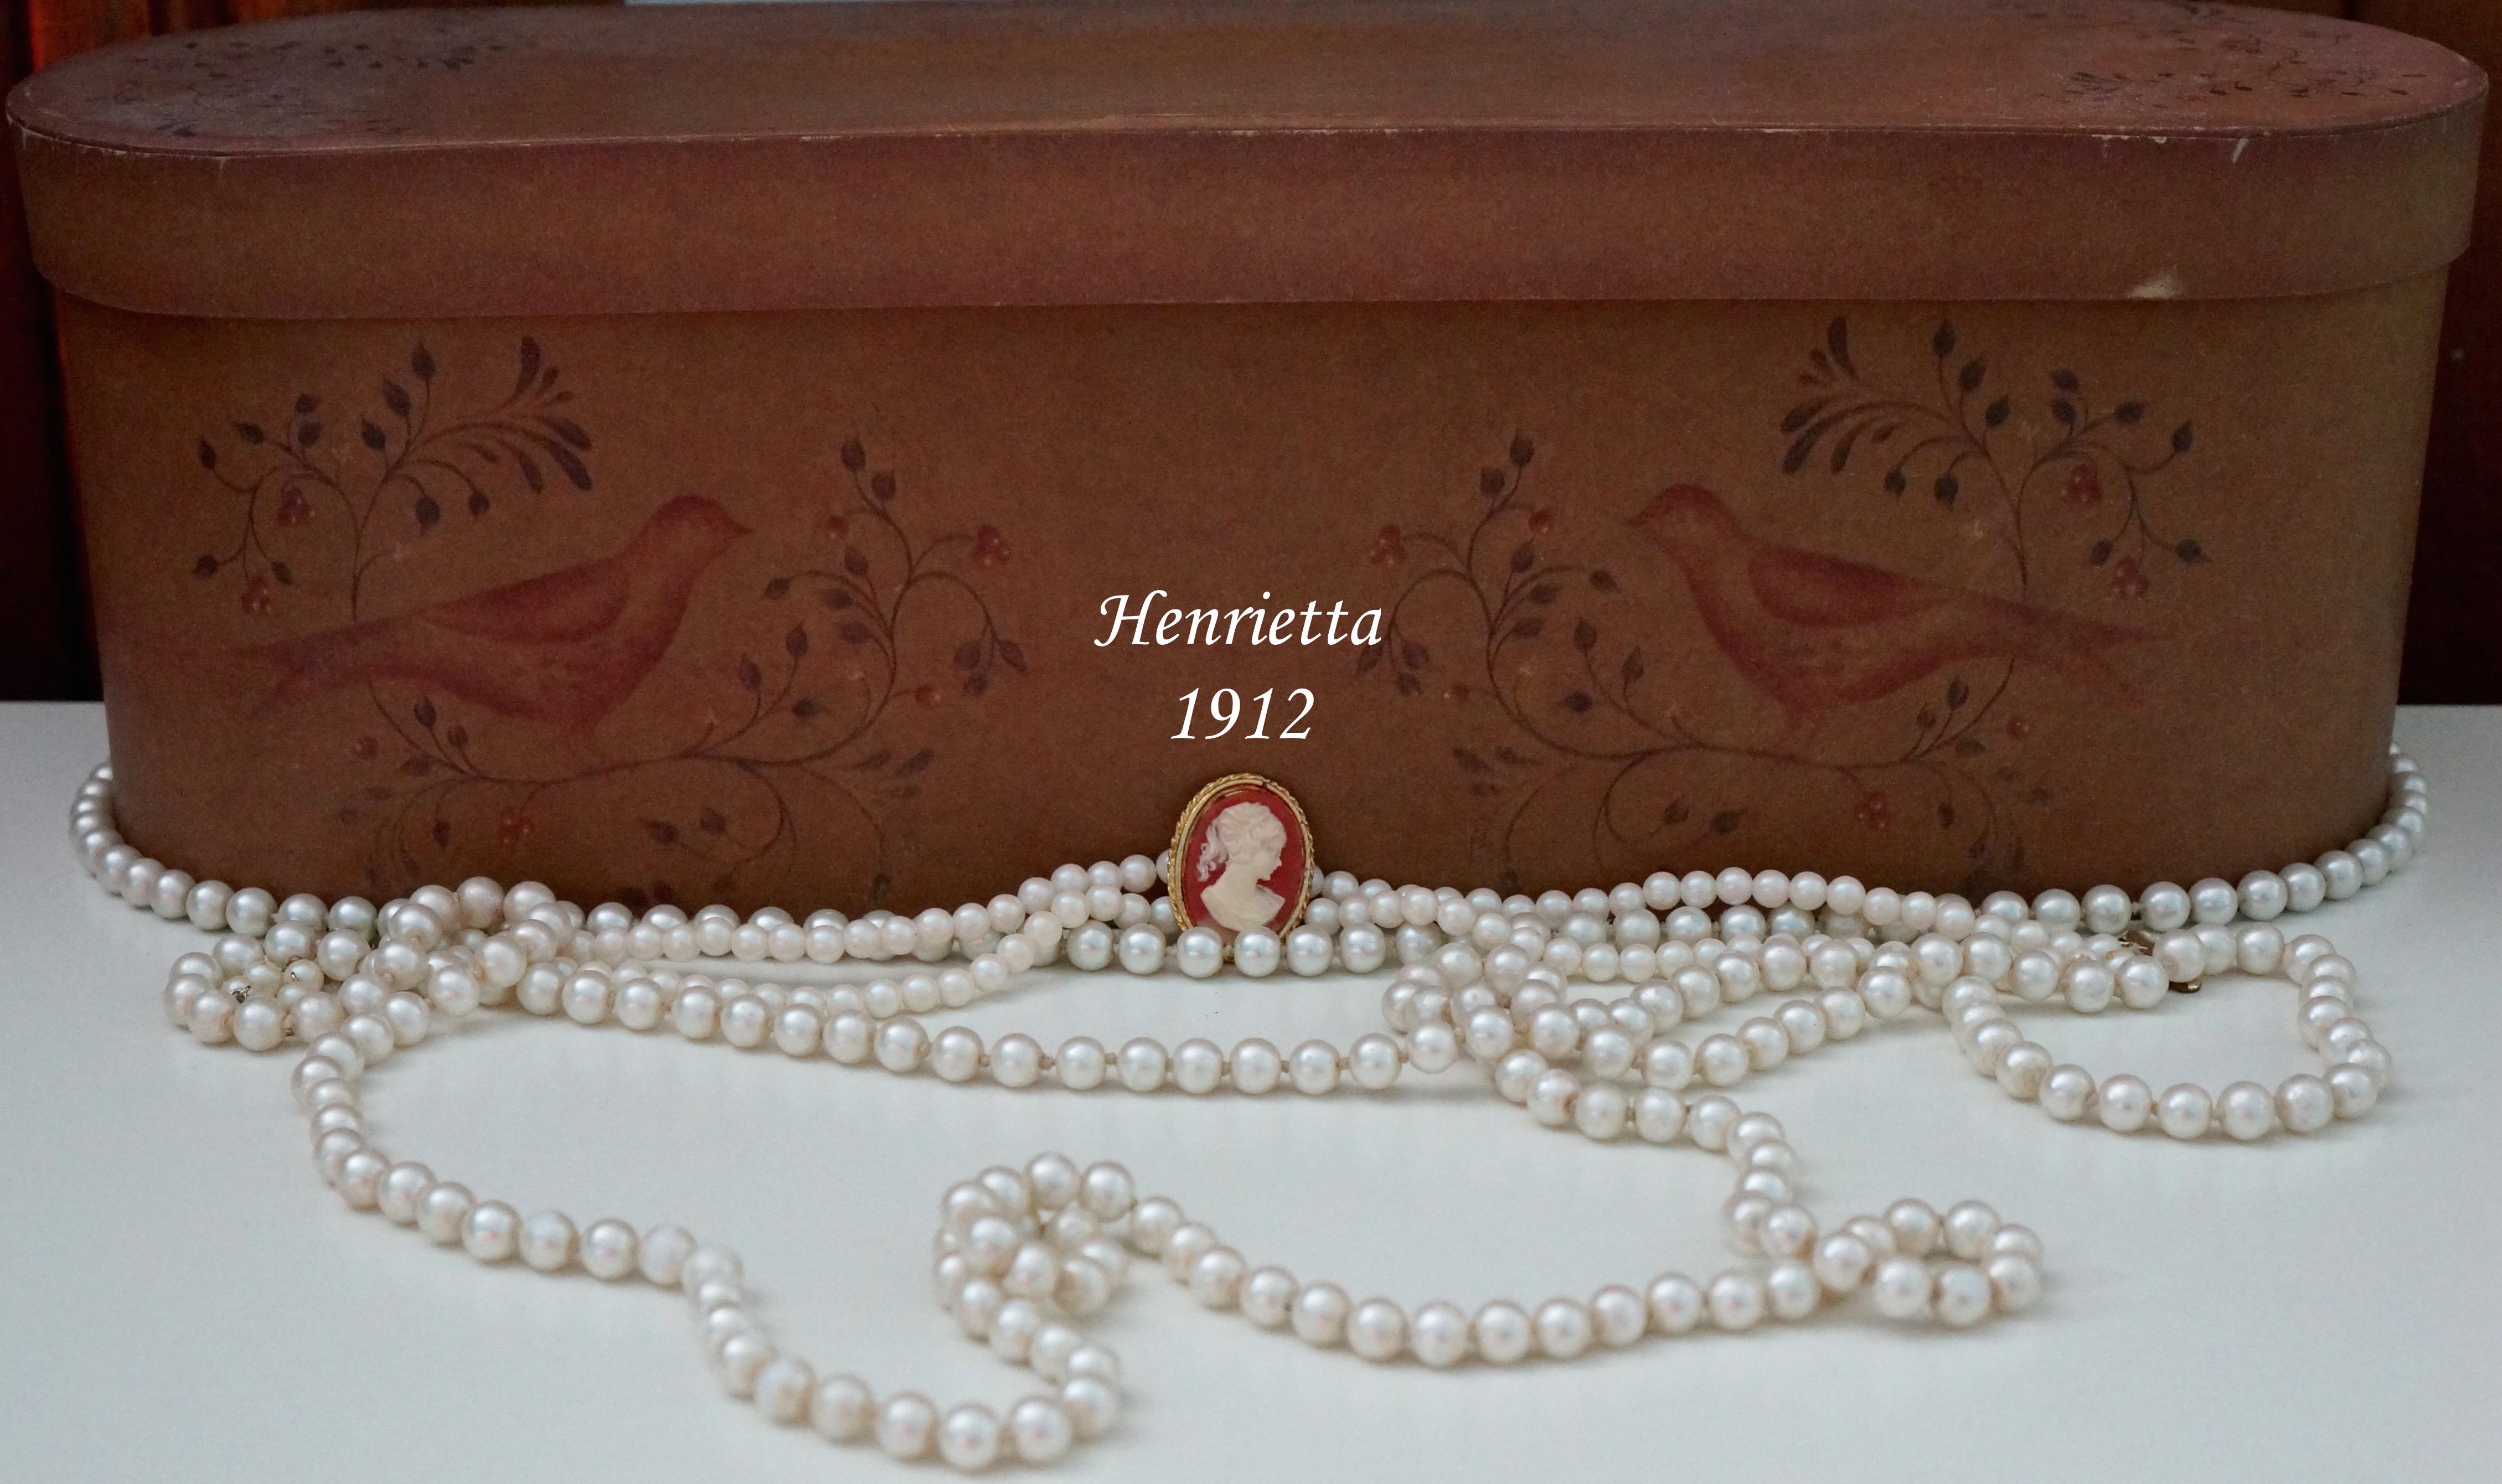 Henrietta 1912